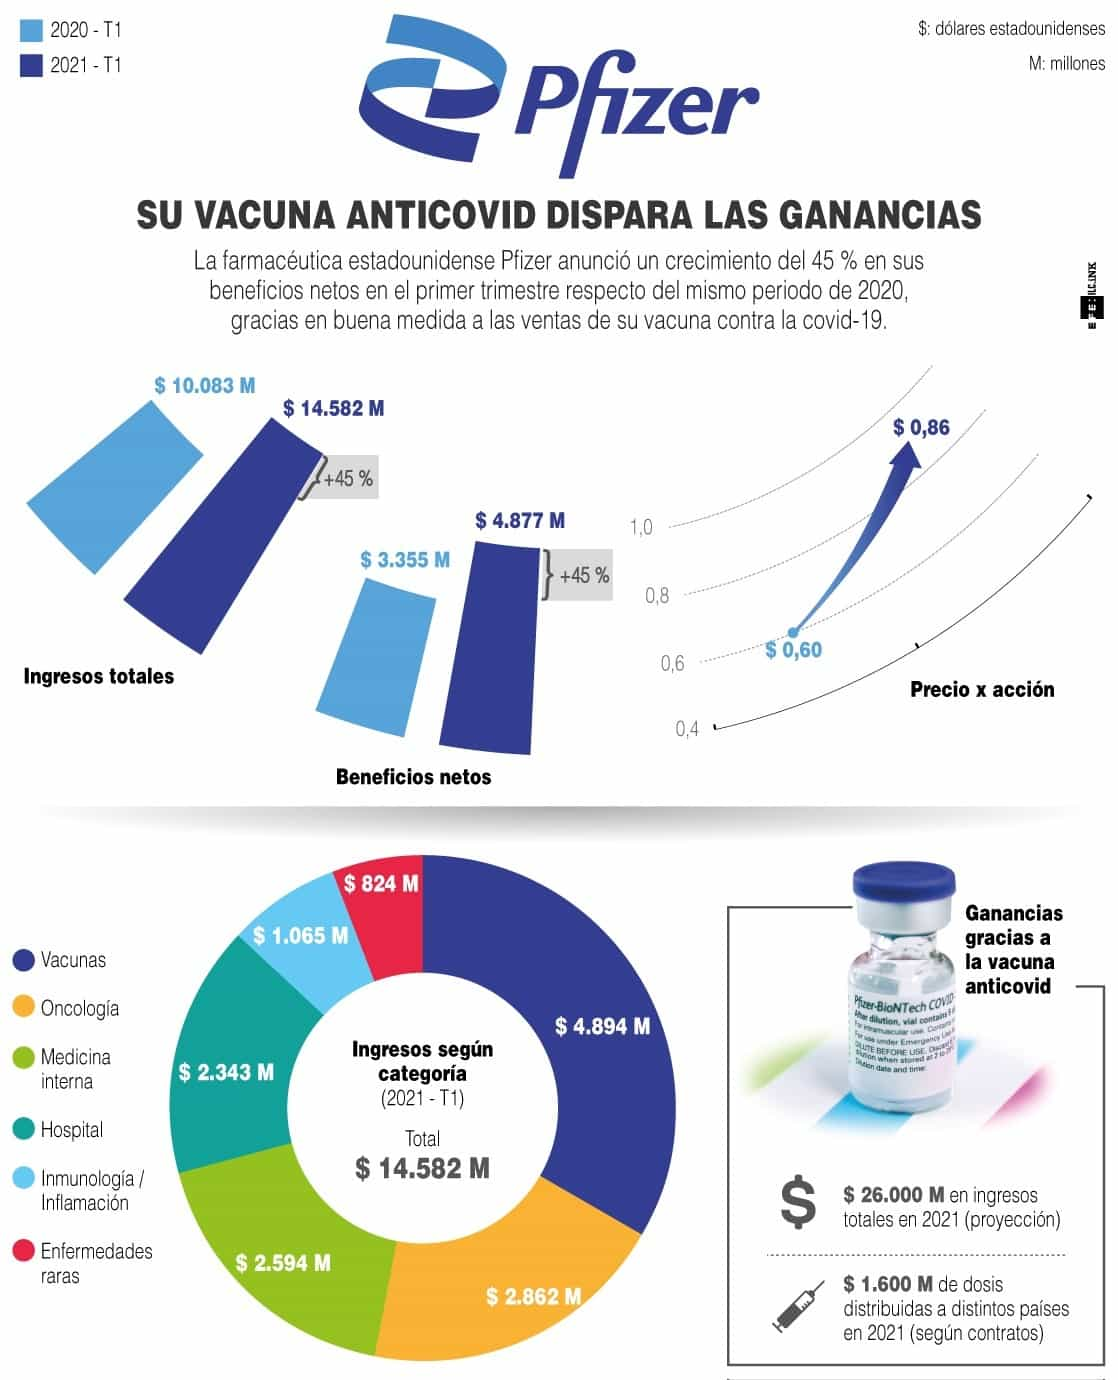 [Infografía] - Pfizer: Su vacuna anticovid dispara las ganancias 1